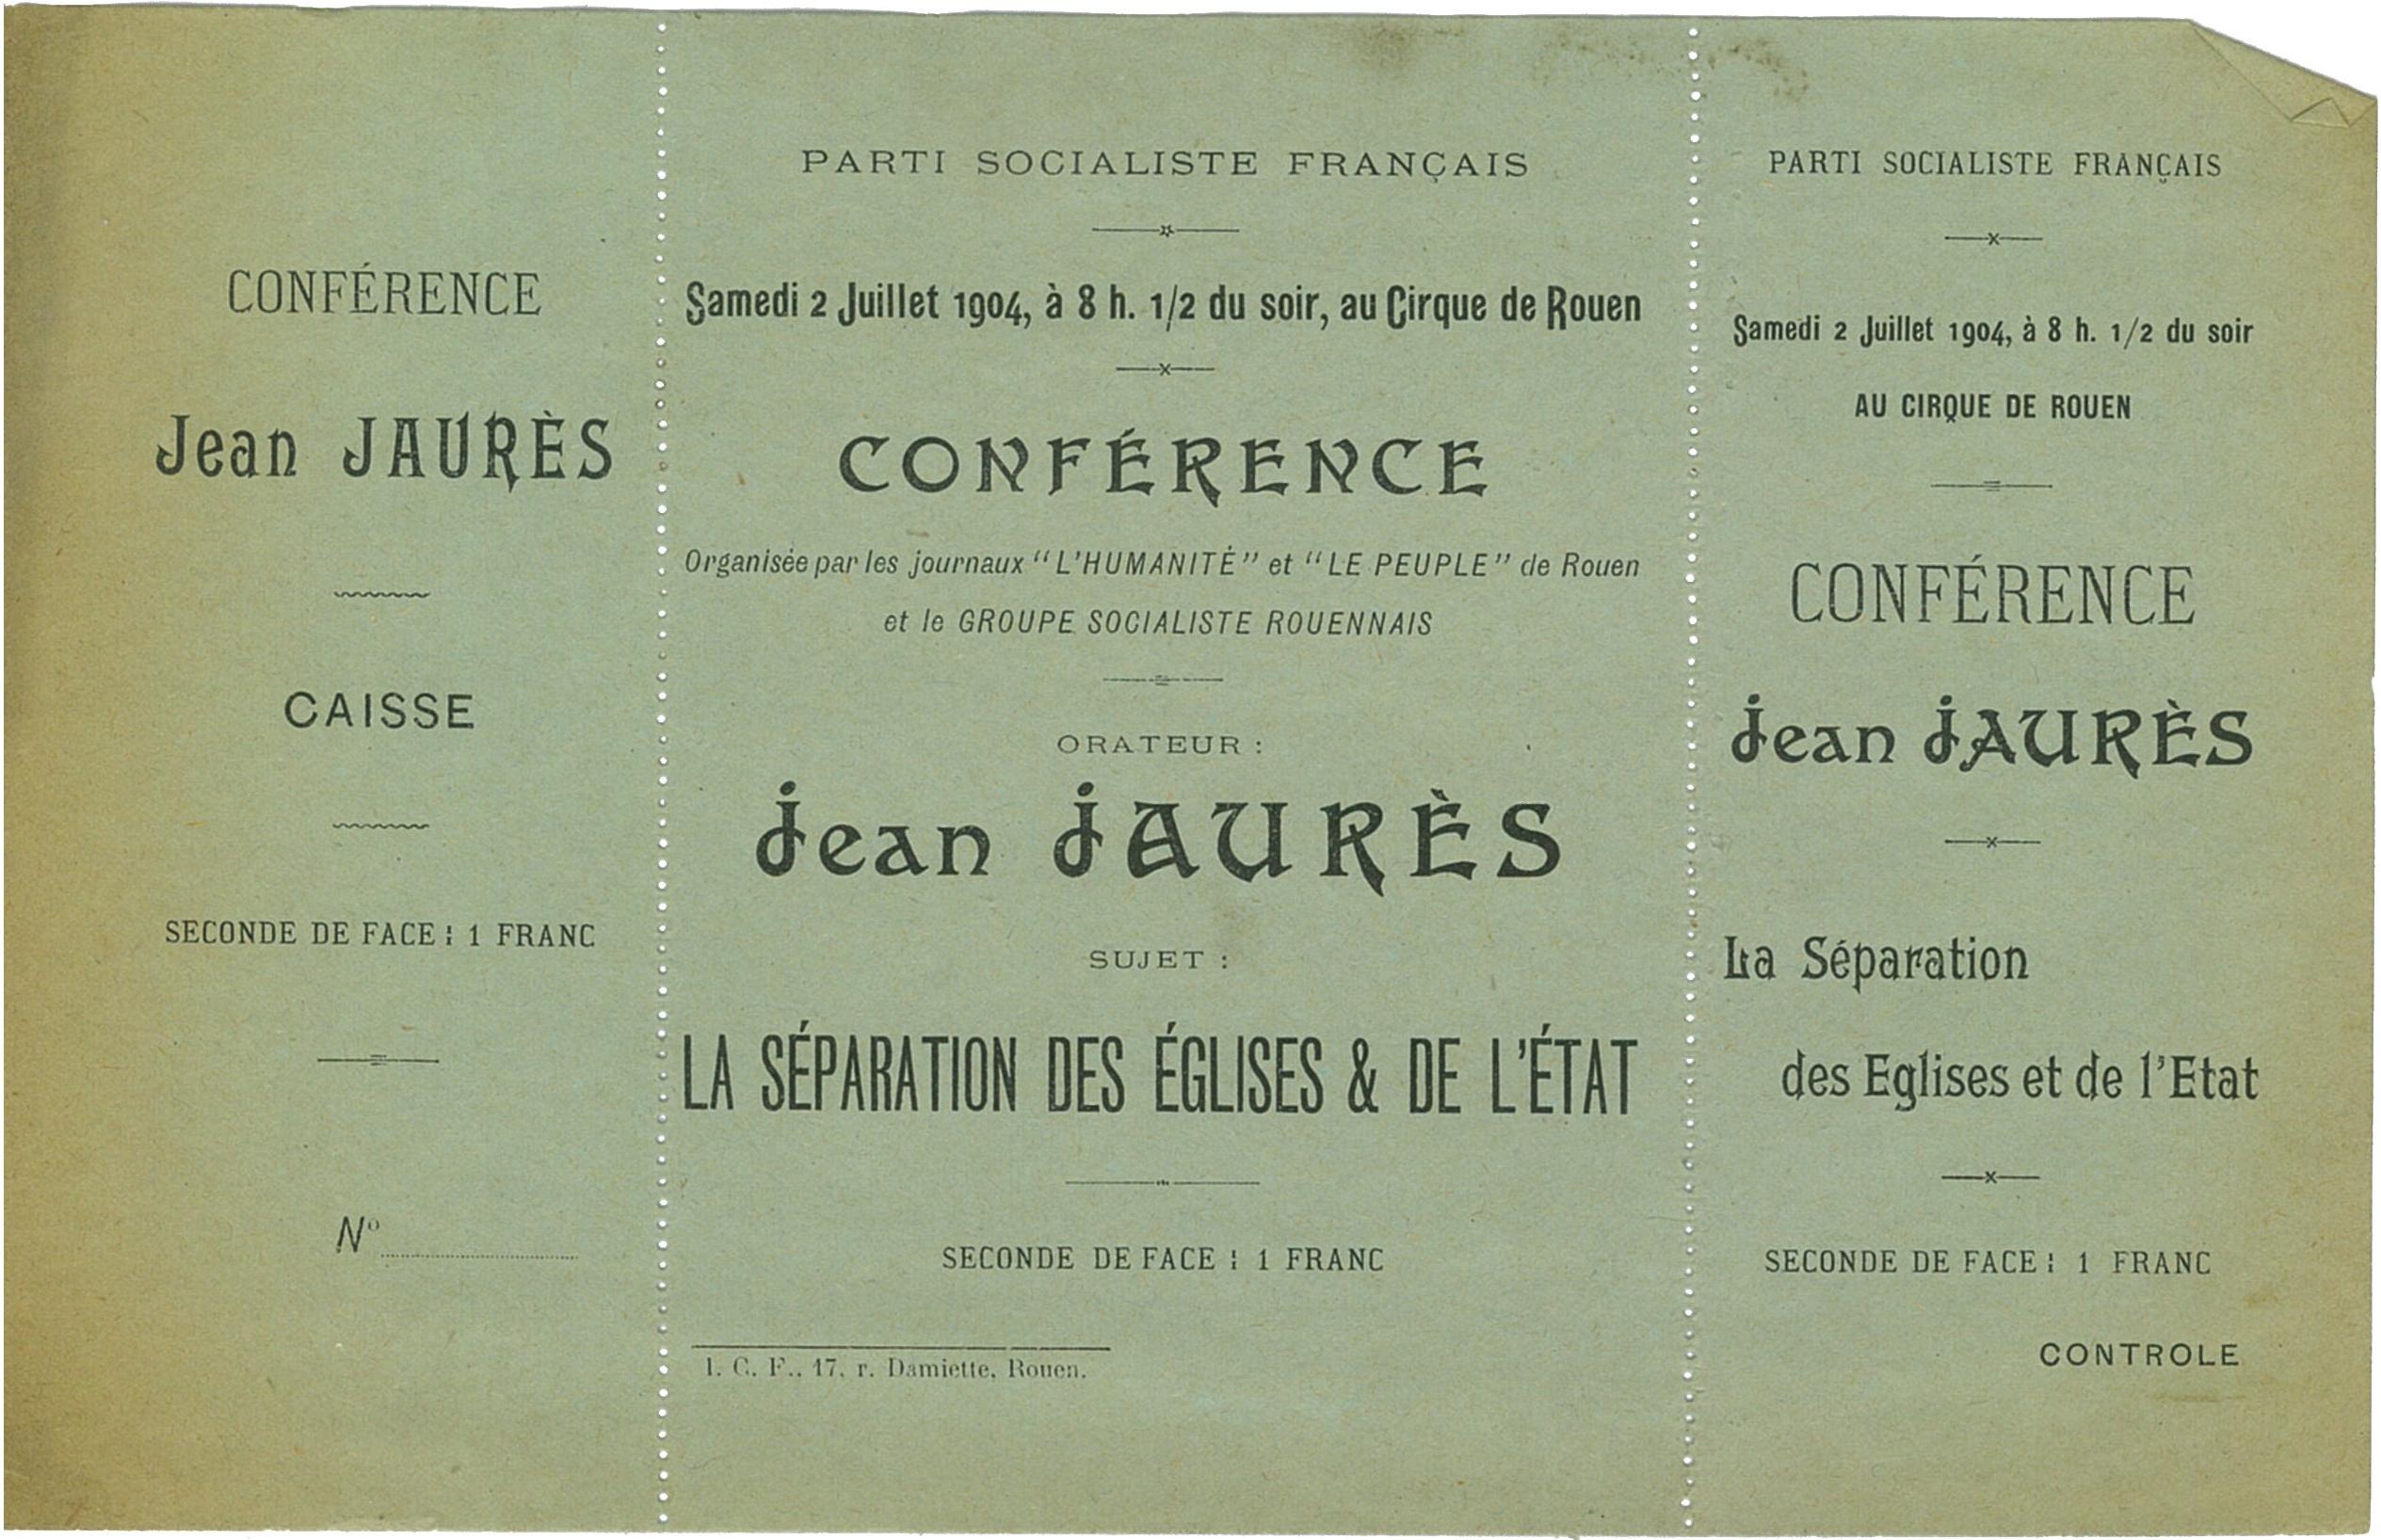 Billet 06. Brochure de présentation de la Conférence par Jean Jaurès à Rouen le samedi 2 juillet 1904.